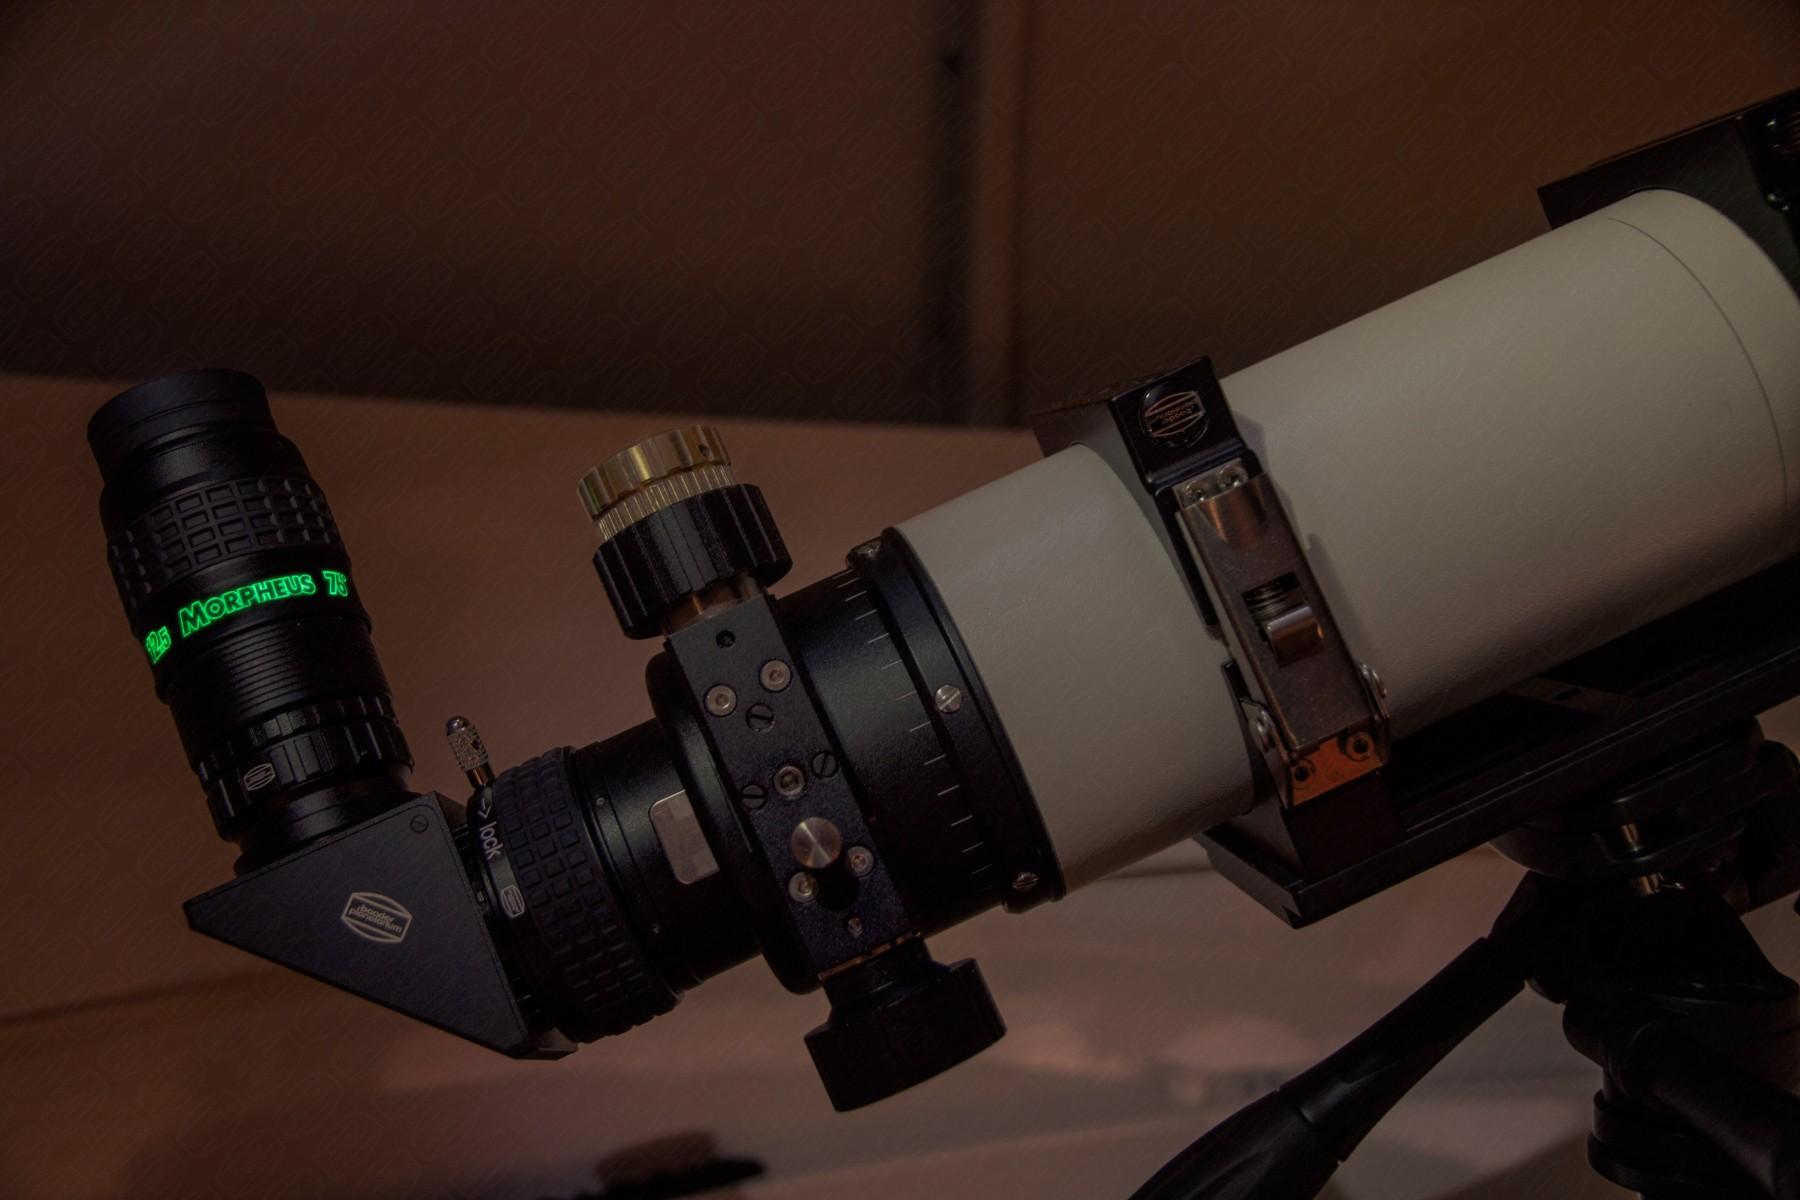 Application image: Morpheus 76° mit intensiver lumineszenter Beschriftung